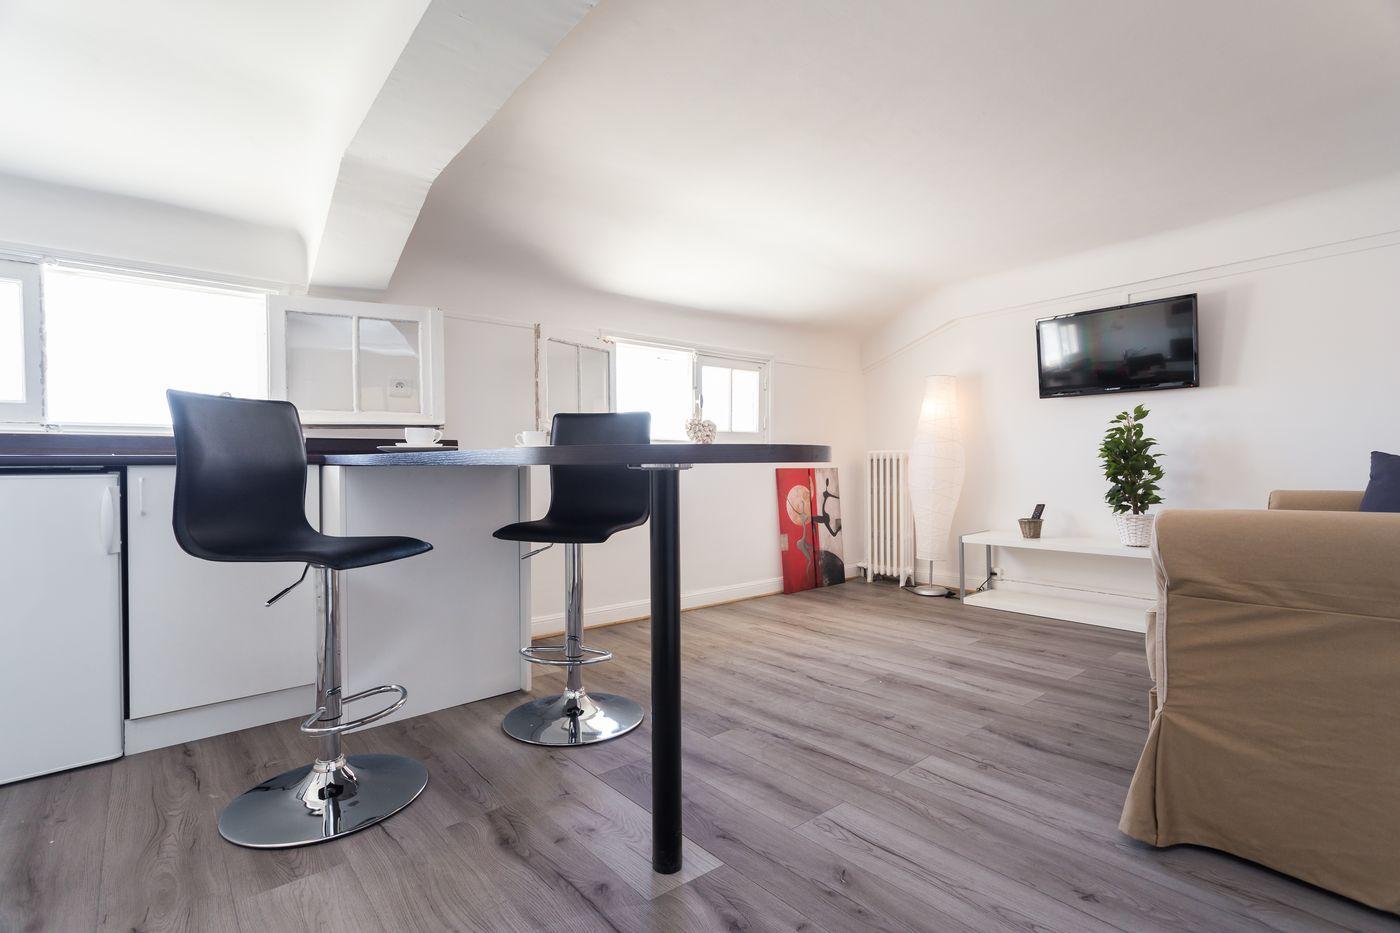 entre particuliers vente sans agence ce que je conseille. Black Bedroom Furniture Sets. Home Design Ideas